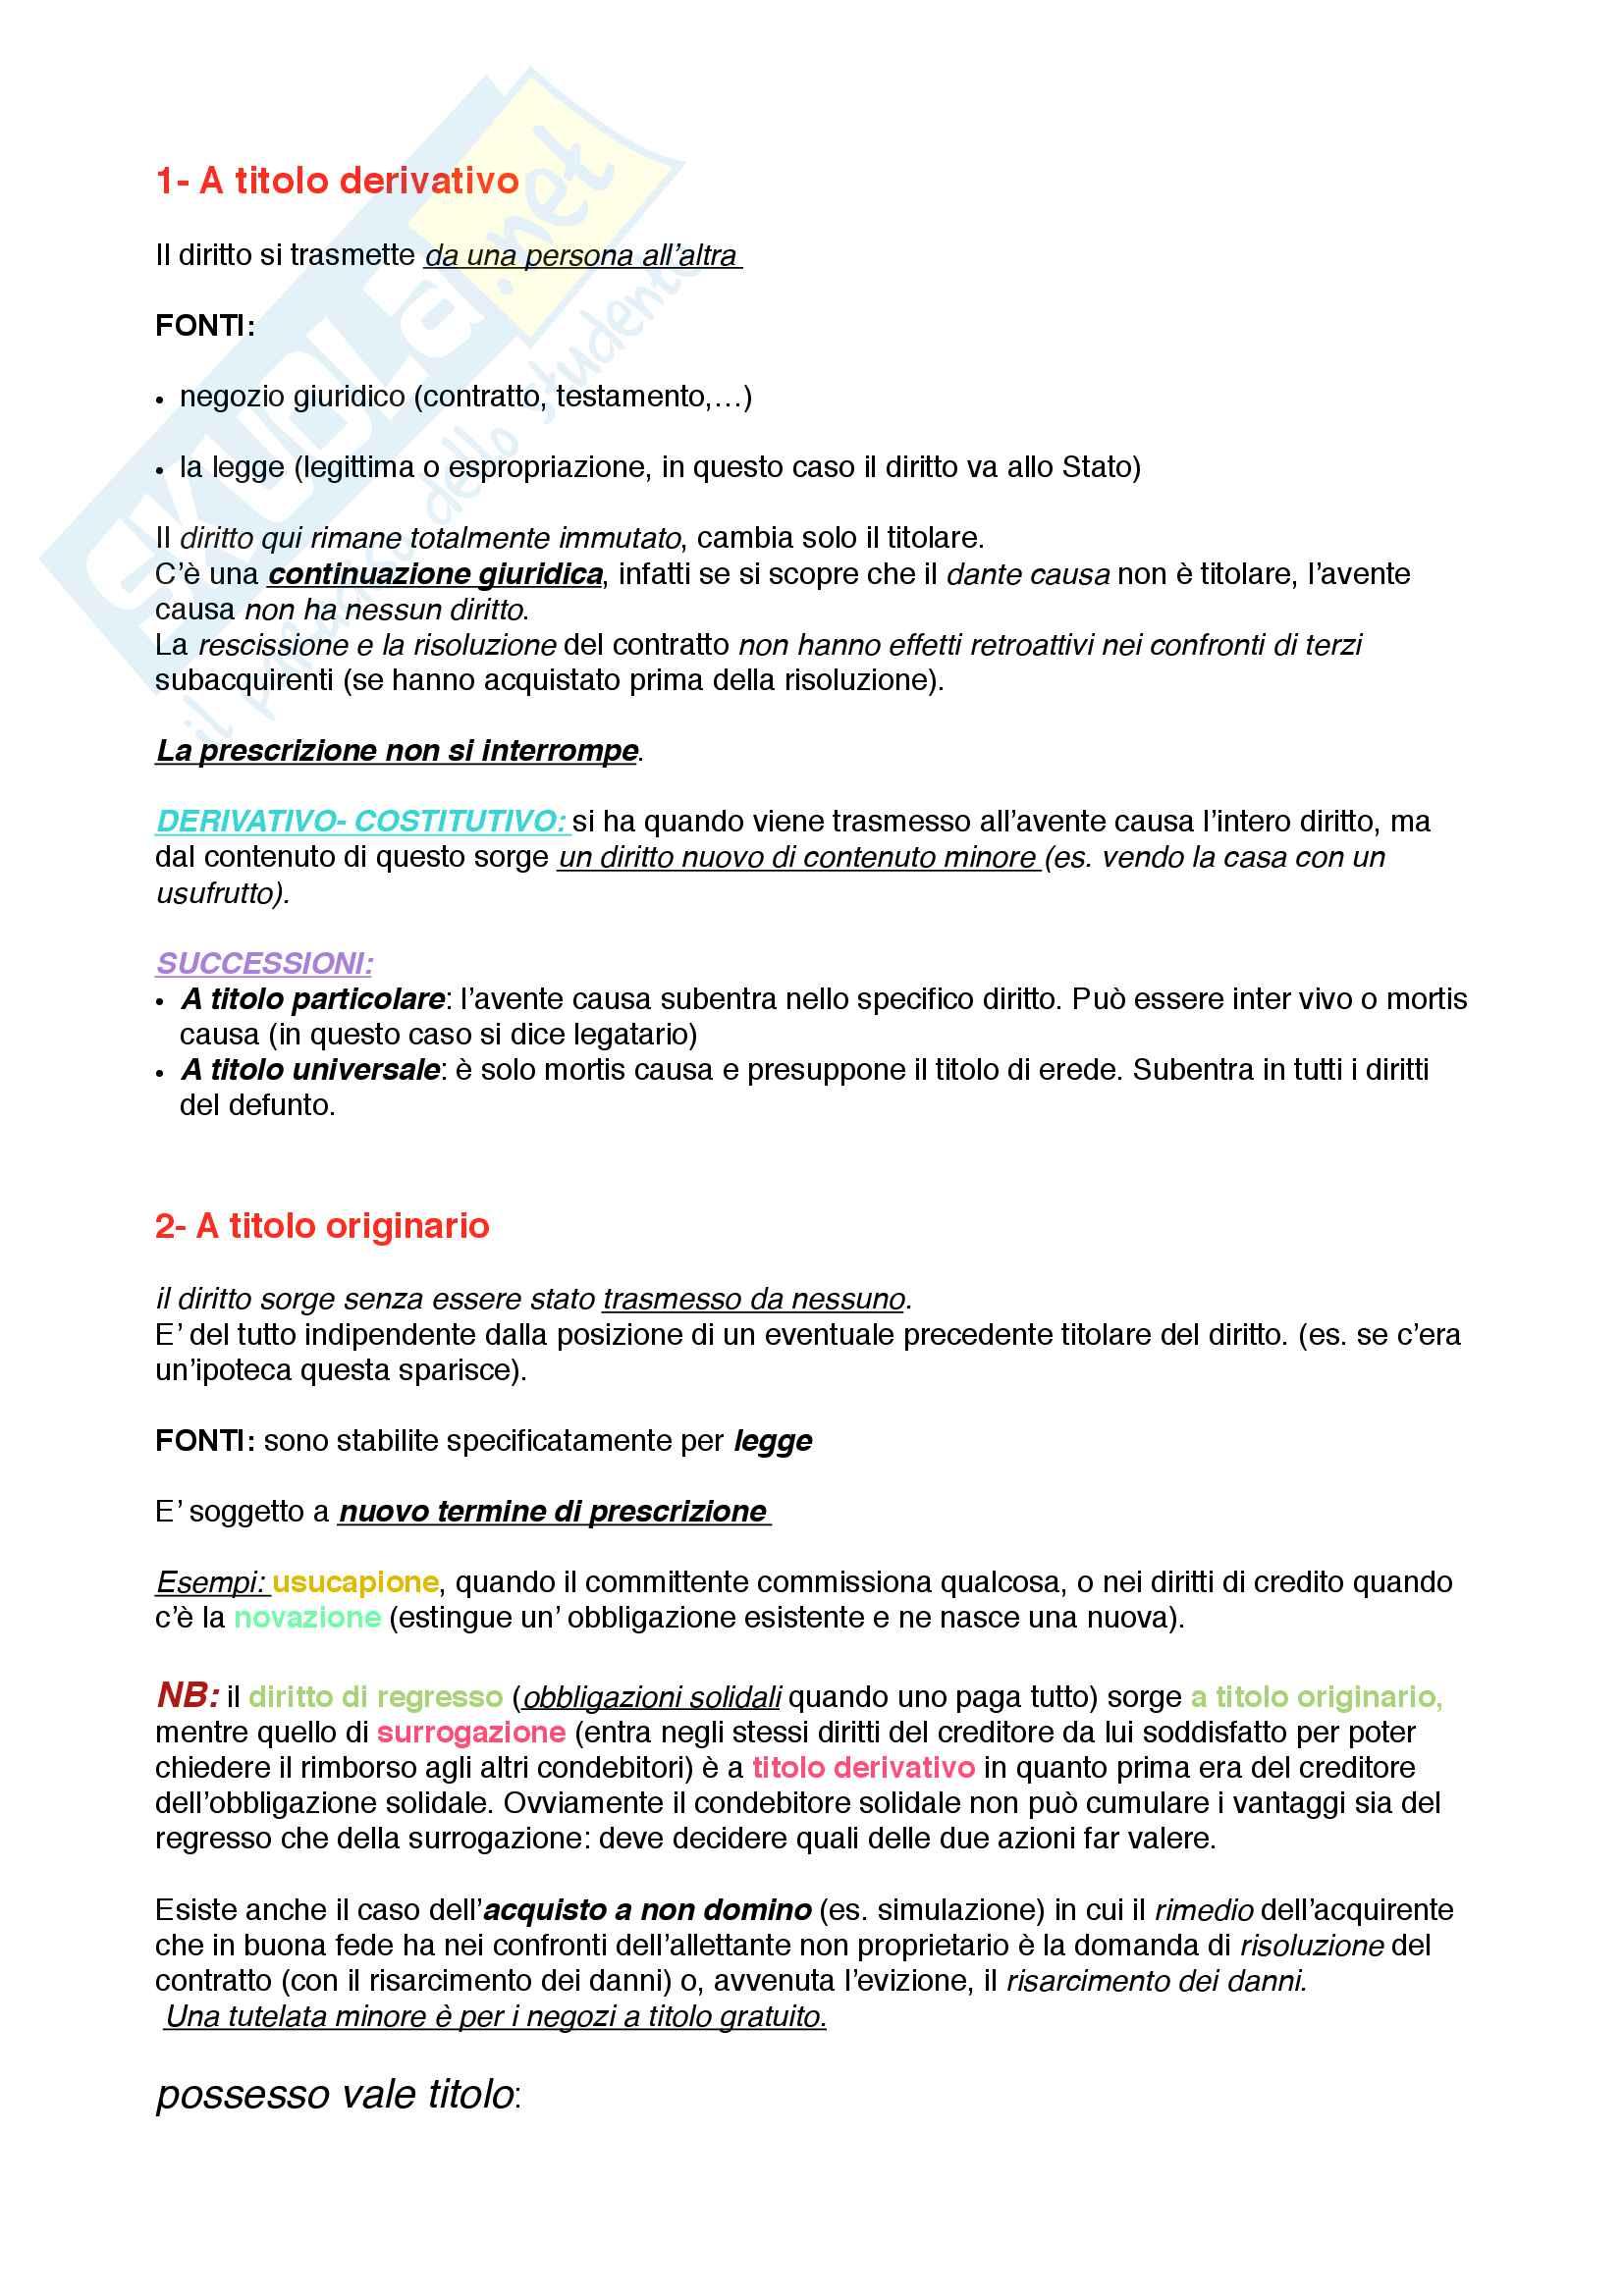 Riassunto esame Istituzioni di diritto privato 1 Pag. 21